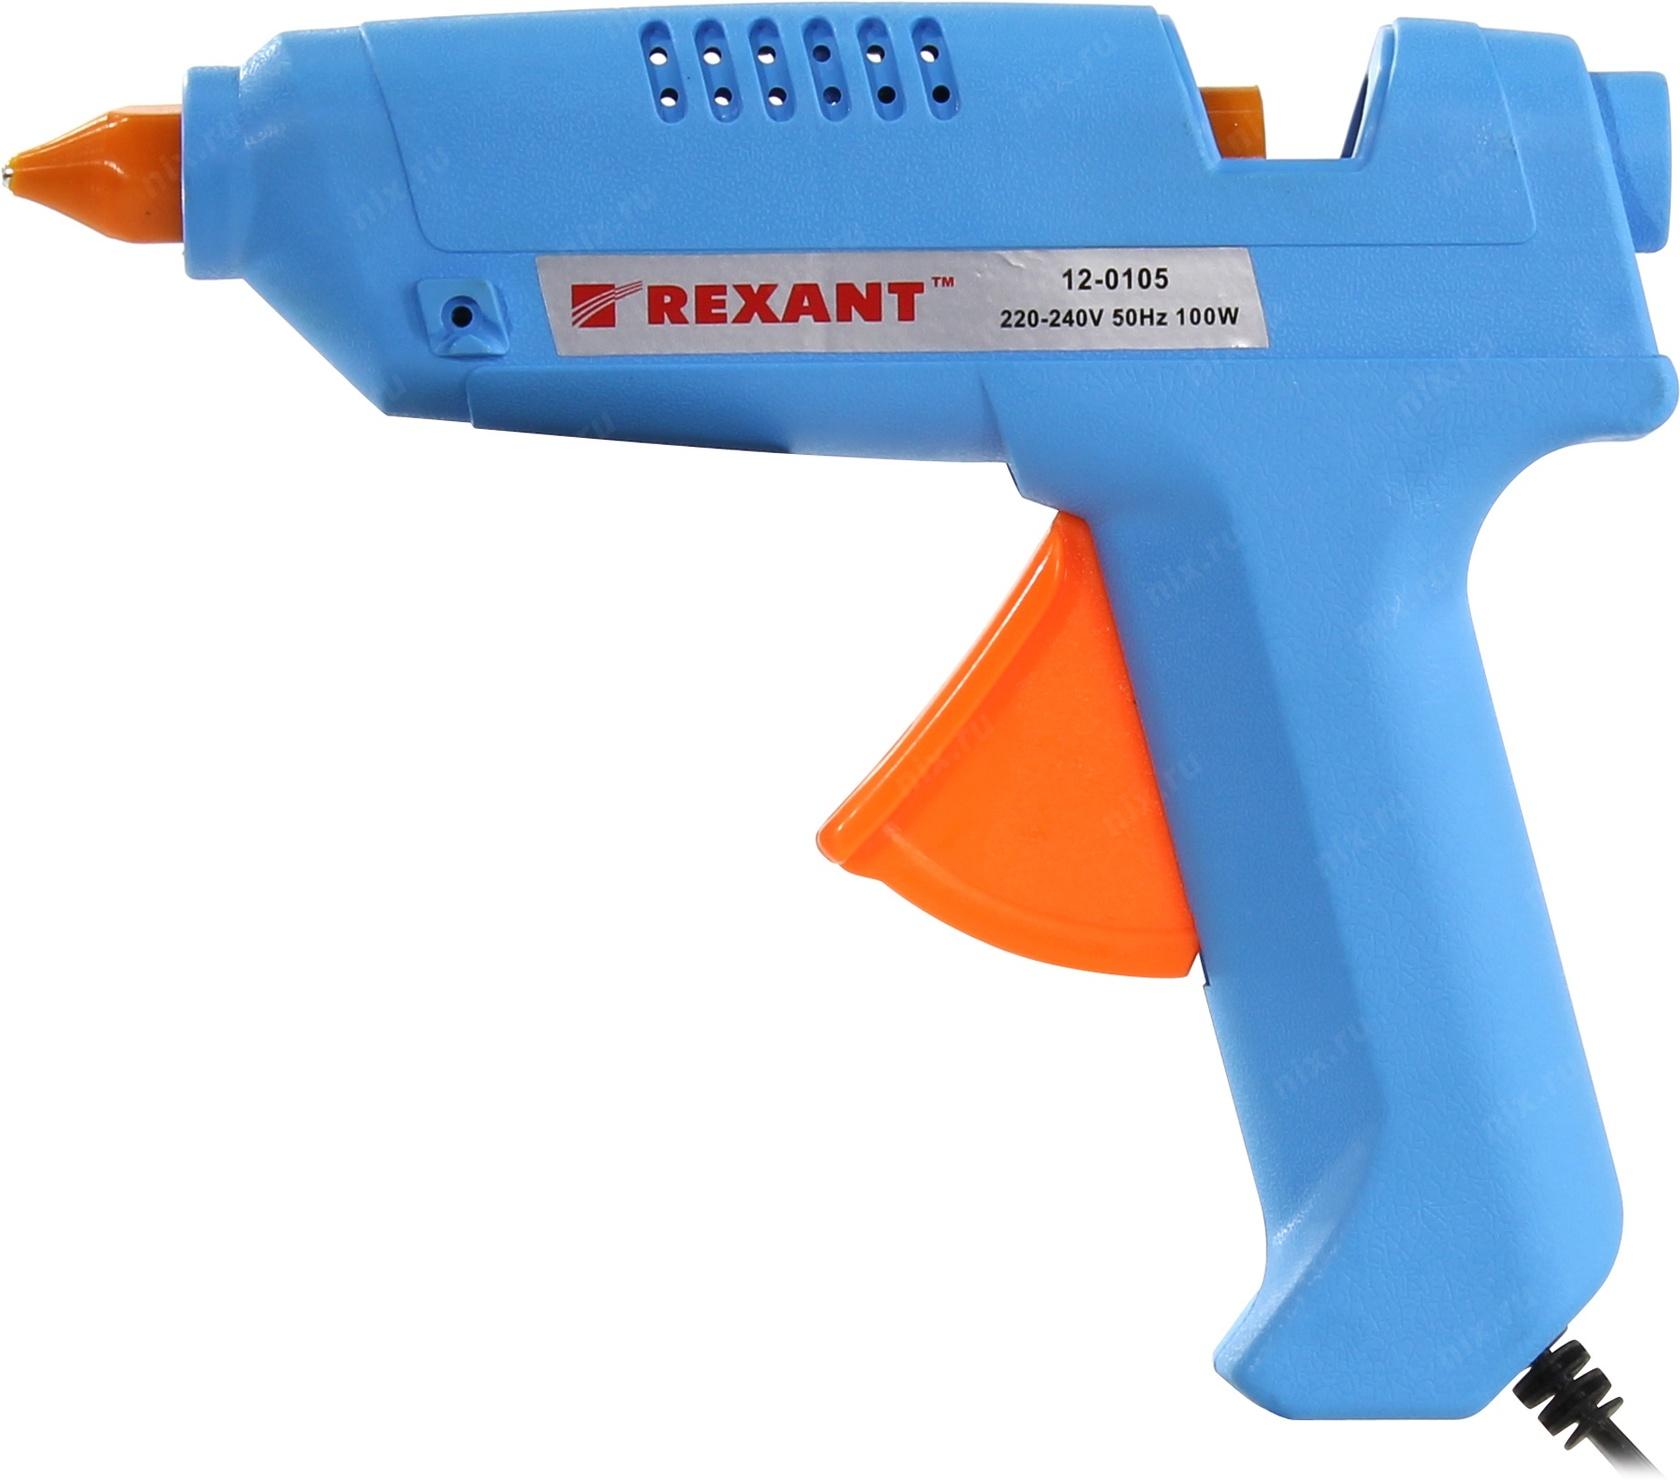 Пистолет клеевой 100W. REXANT.большой в блистере. Китай